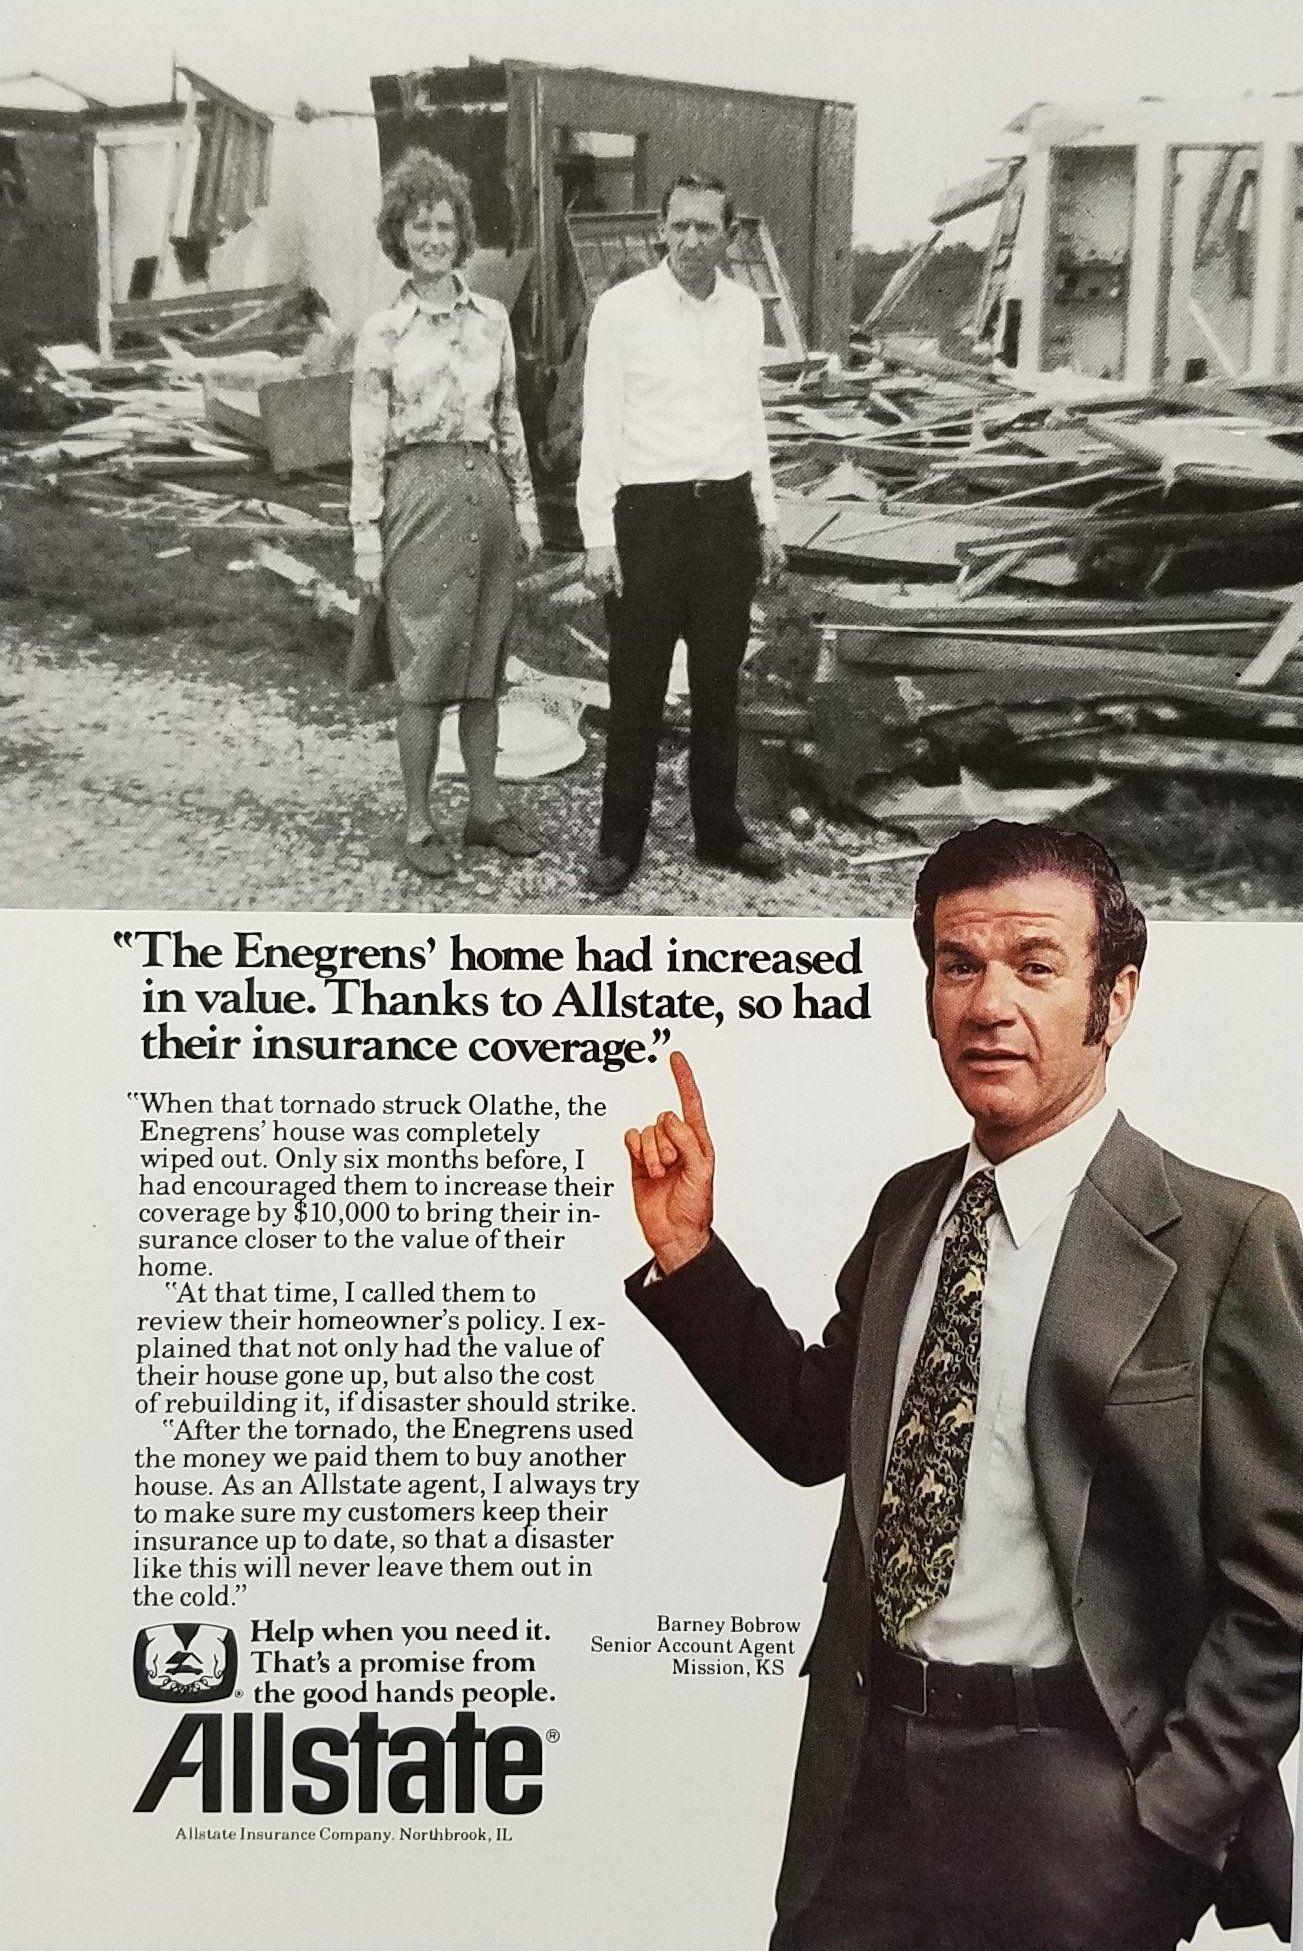 1970 S Allstate Insurance Vintage Ad Tornado Home Destroyed